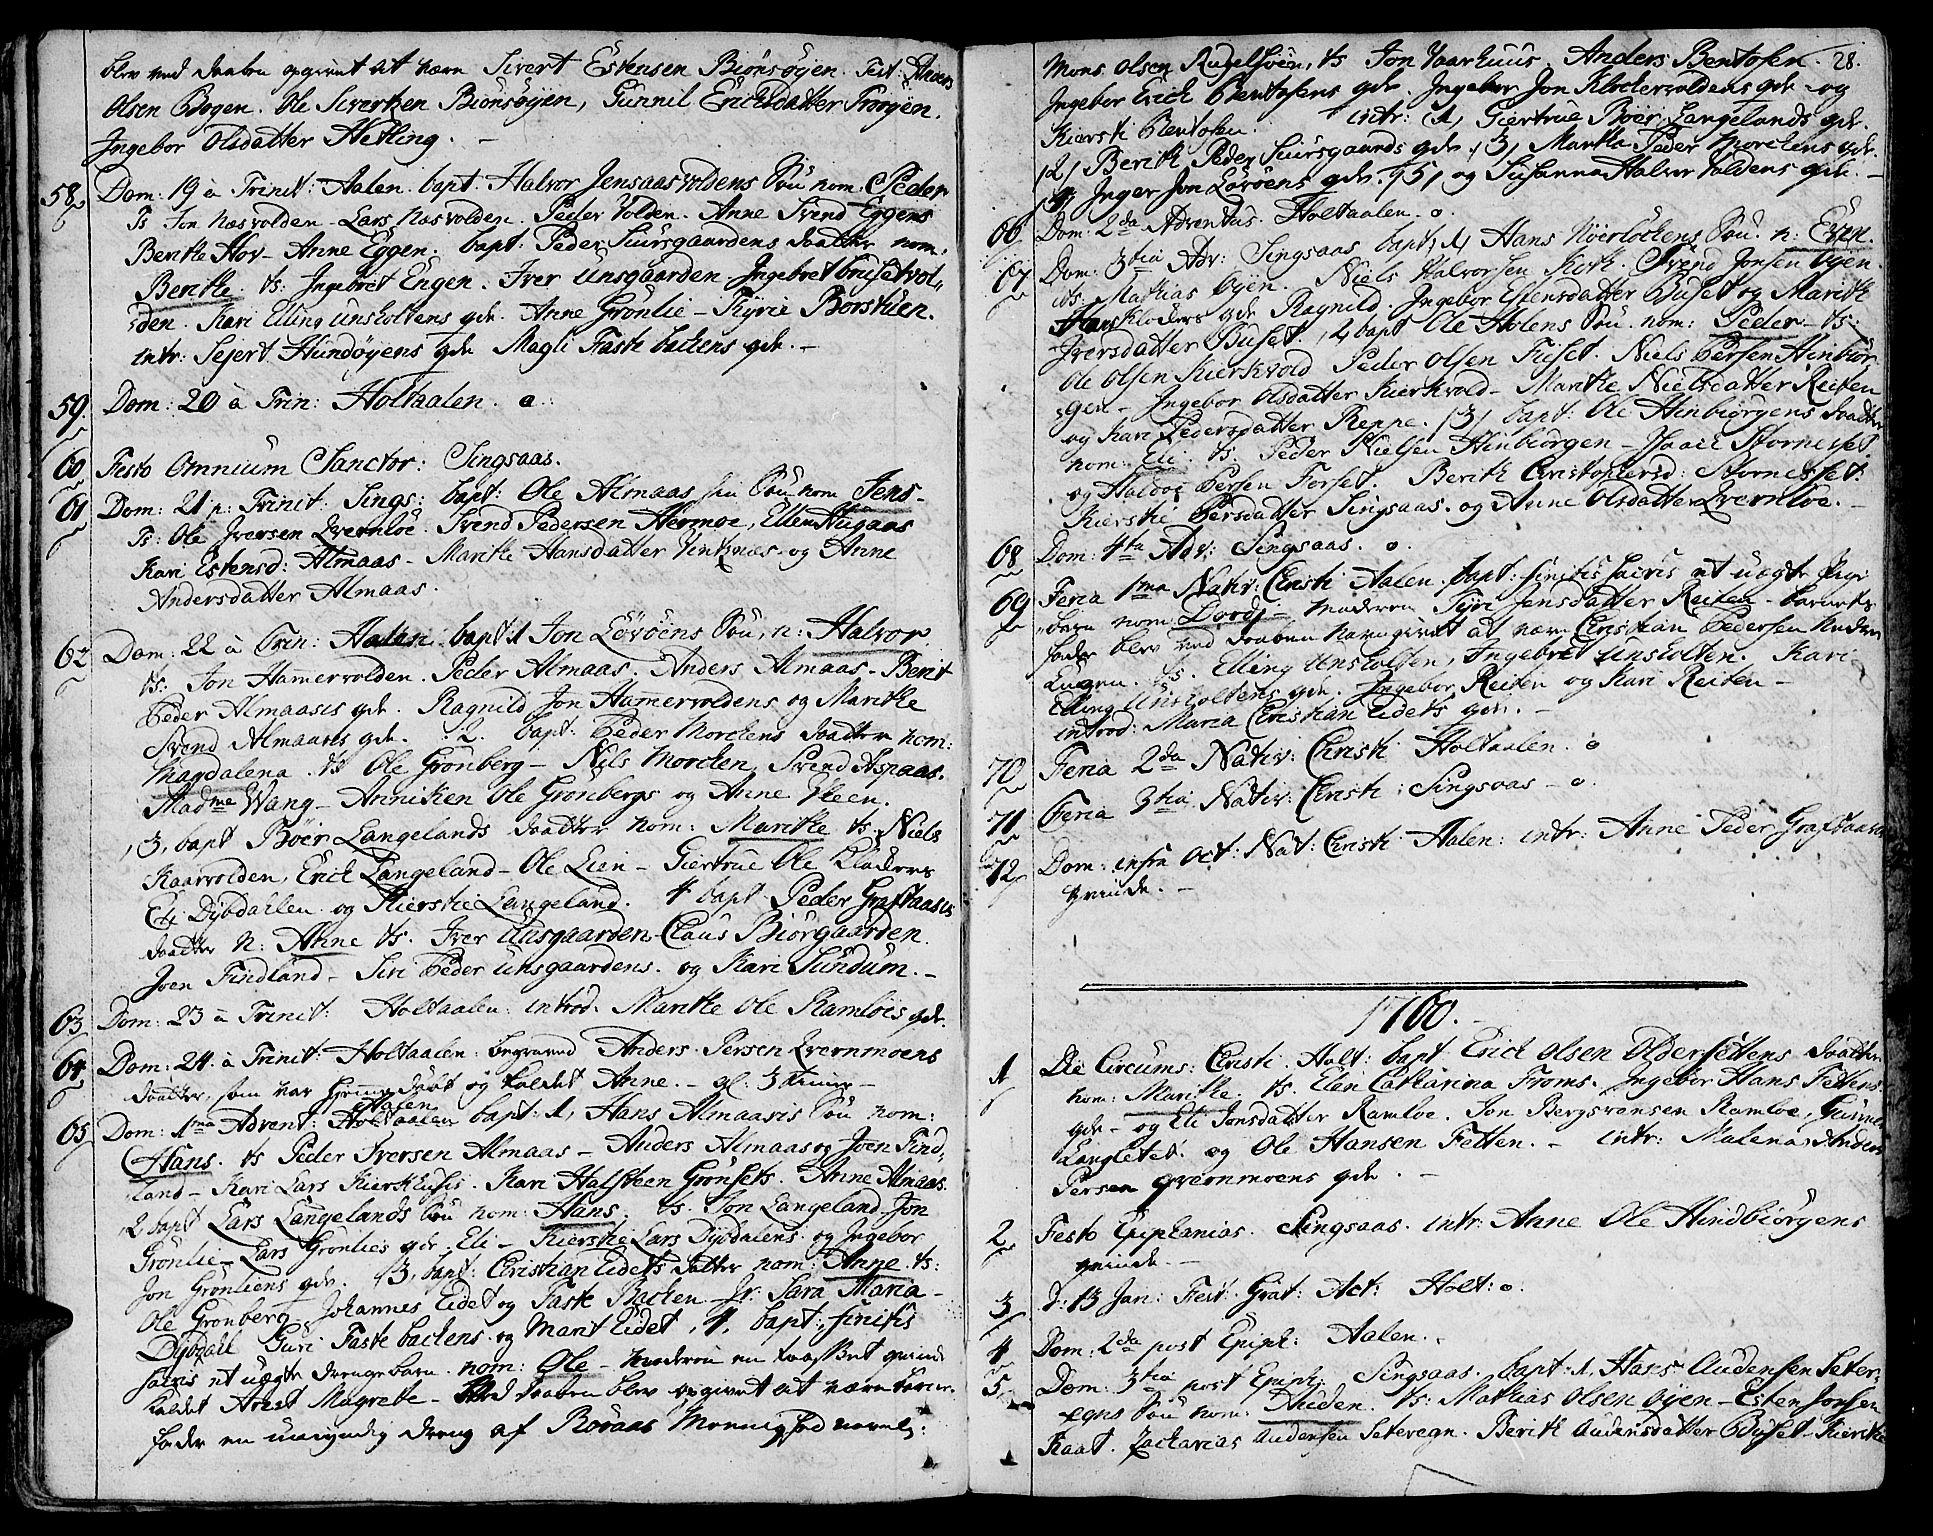 SAT, Ministerialprotokoller, klokkerbøker og fødselsregistre - Sør-Trøndelag, 685/L0952: Ministerialbok nr. 685A01, 1745-1804, s. 28